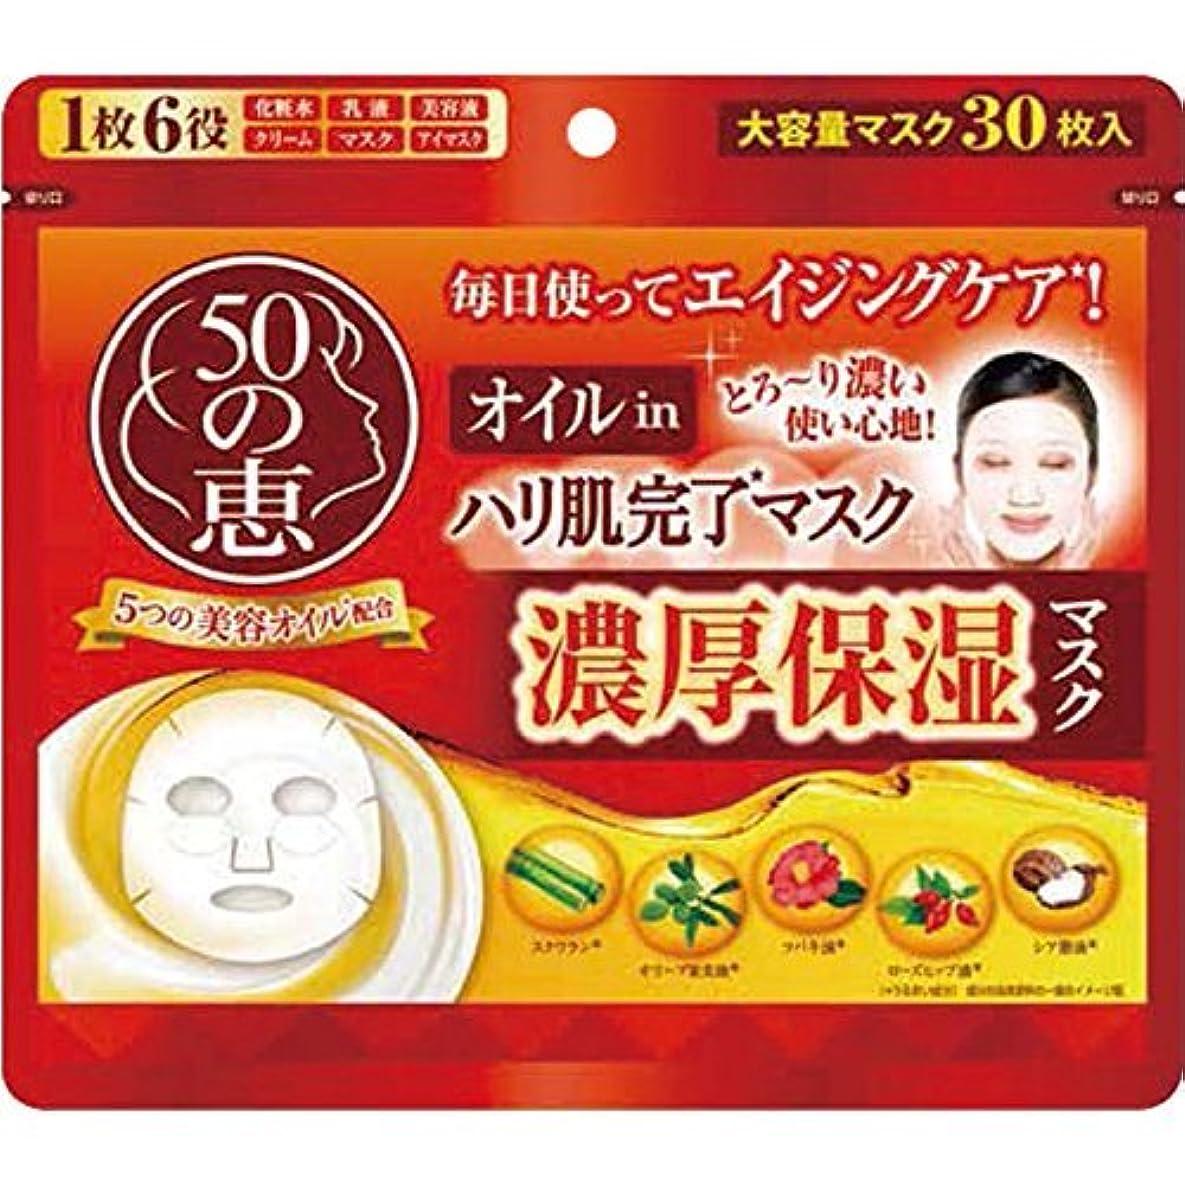 チャート伝統的おっと50の恵 オイルinハリ肌完了マスク × 3個セット